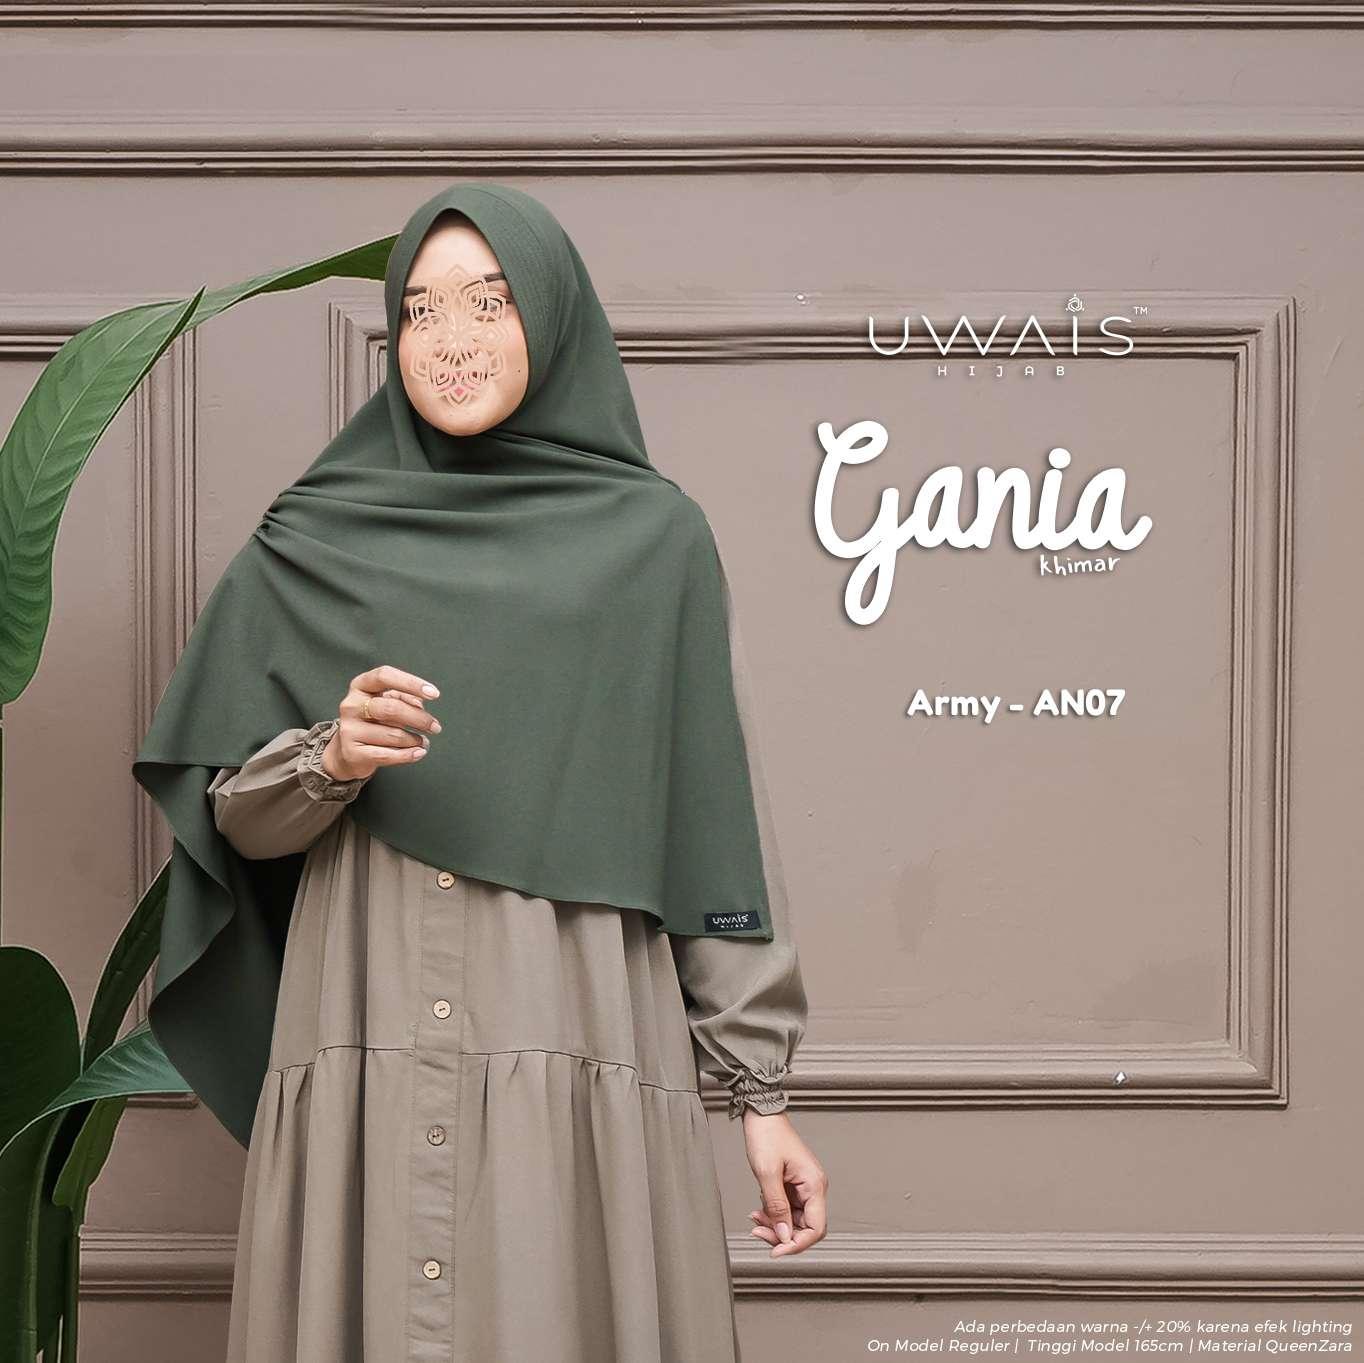 7gania_army